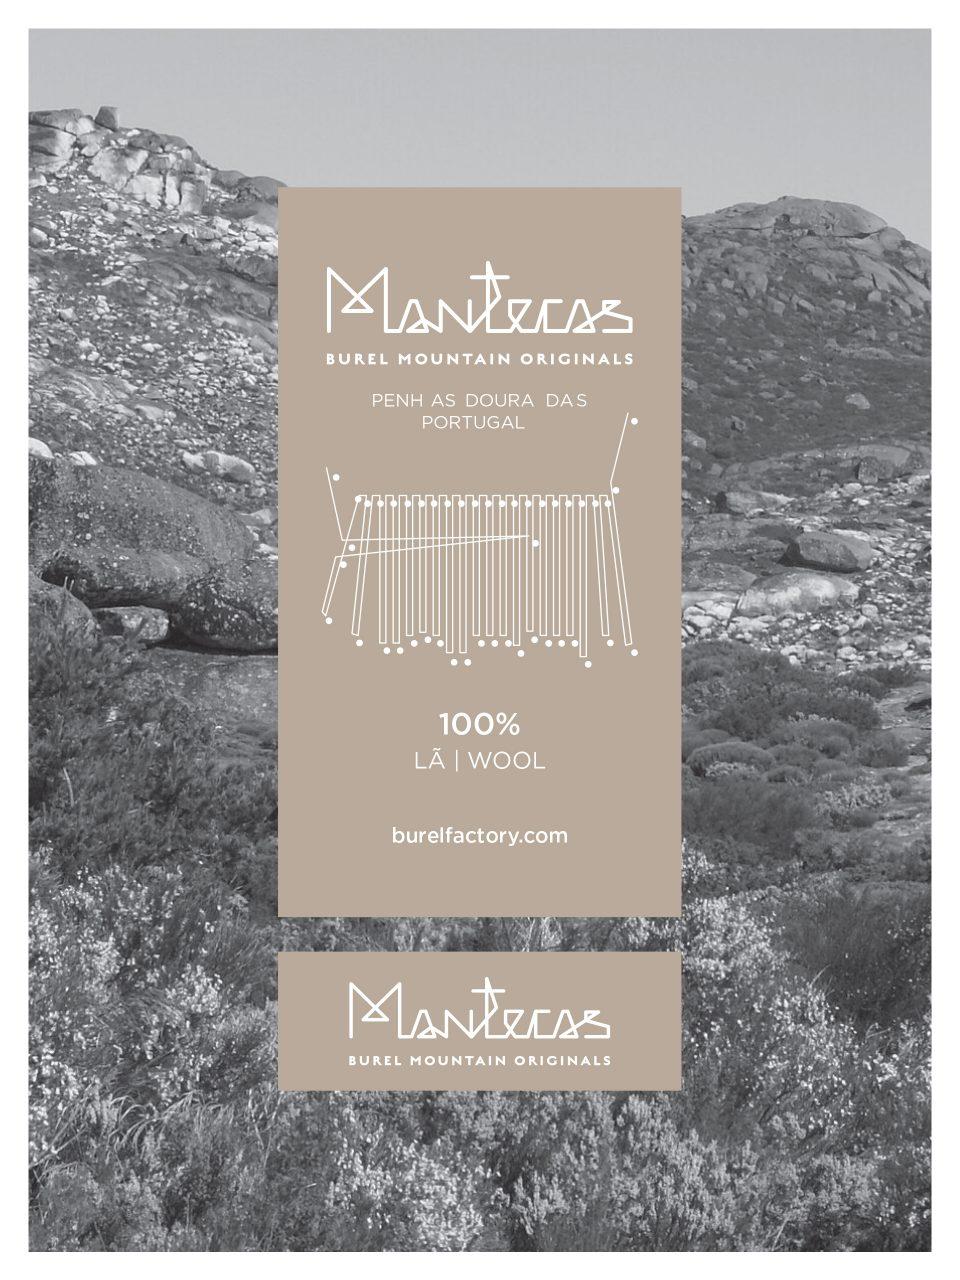 img-mantecas-960x1280.jpg